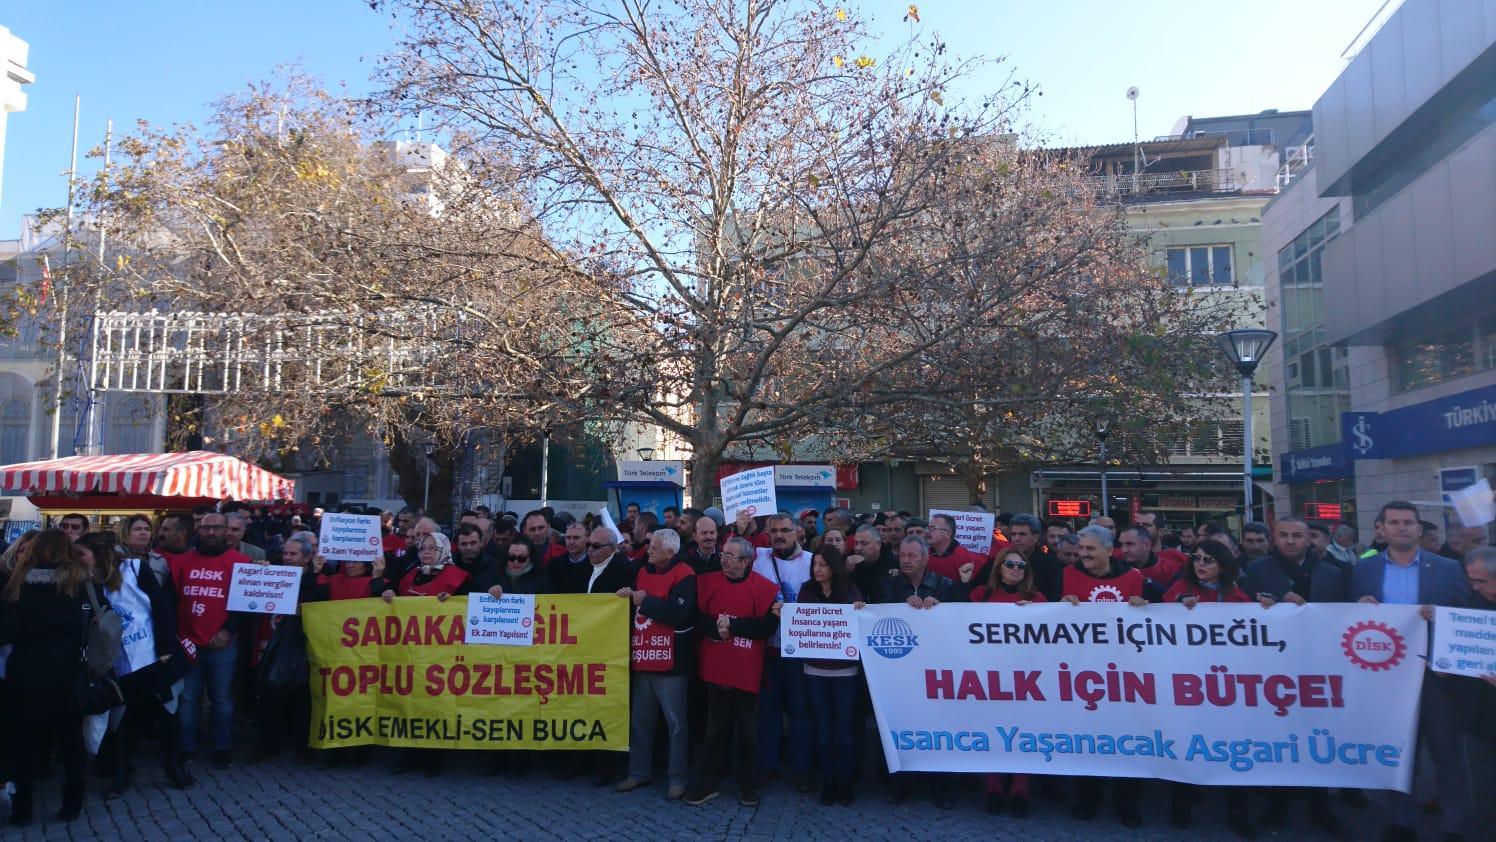 KESK İzmir Şubeler Platformu ve DİSK Ege Bölge Temsilciliği: İnsanca Yaşayacak Ücret İstiyoruz!